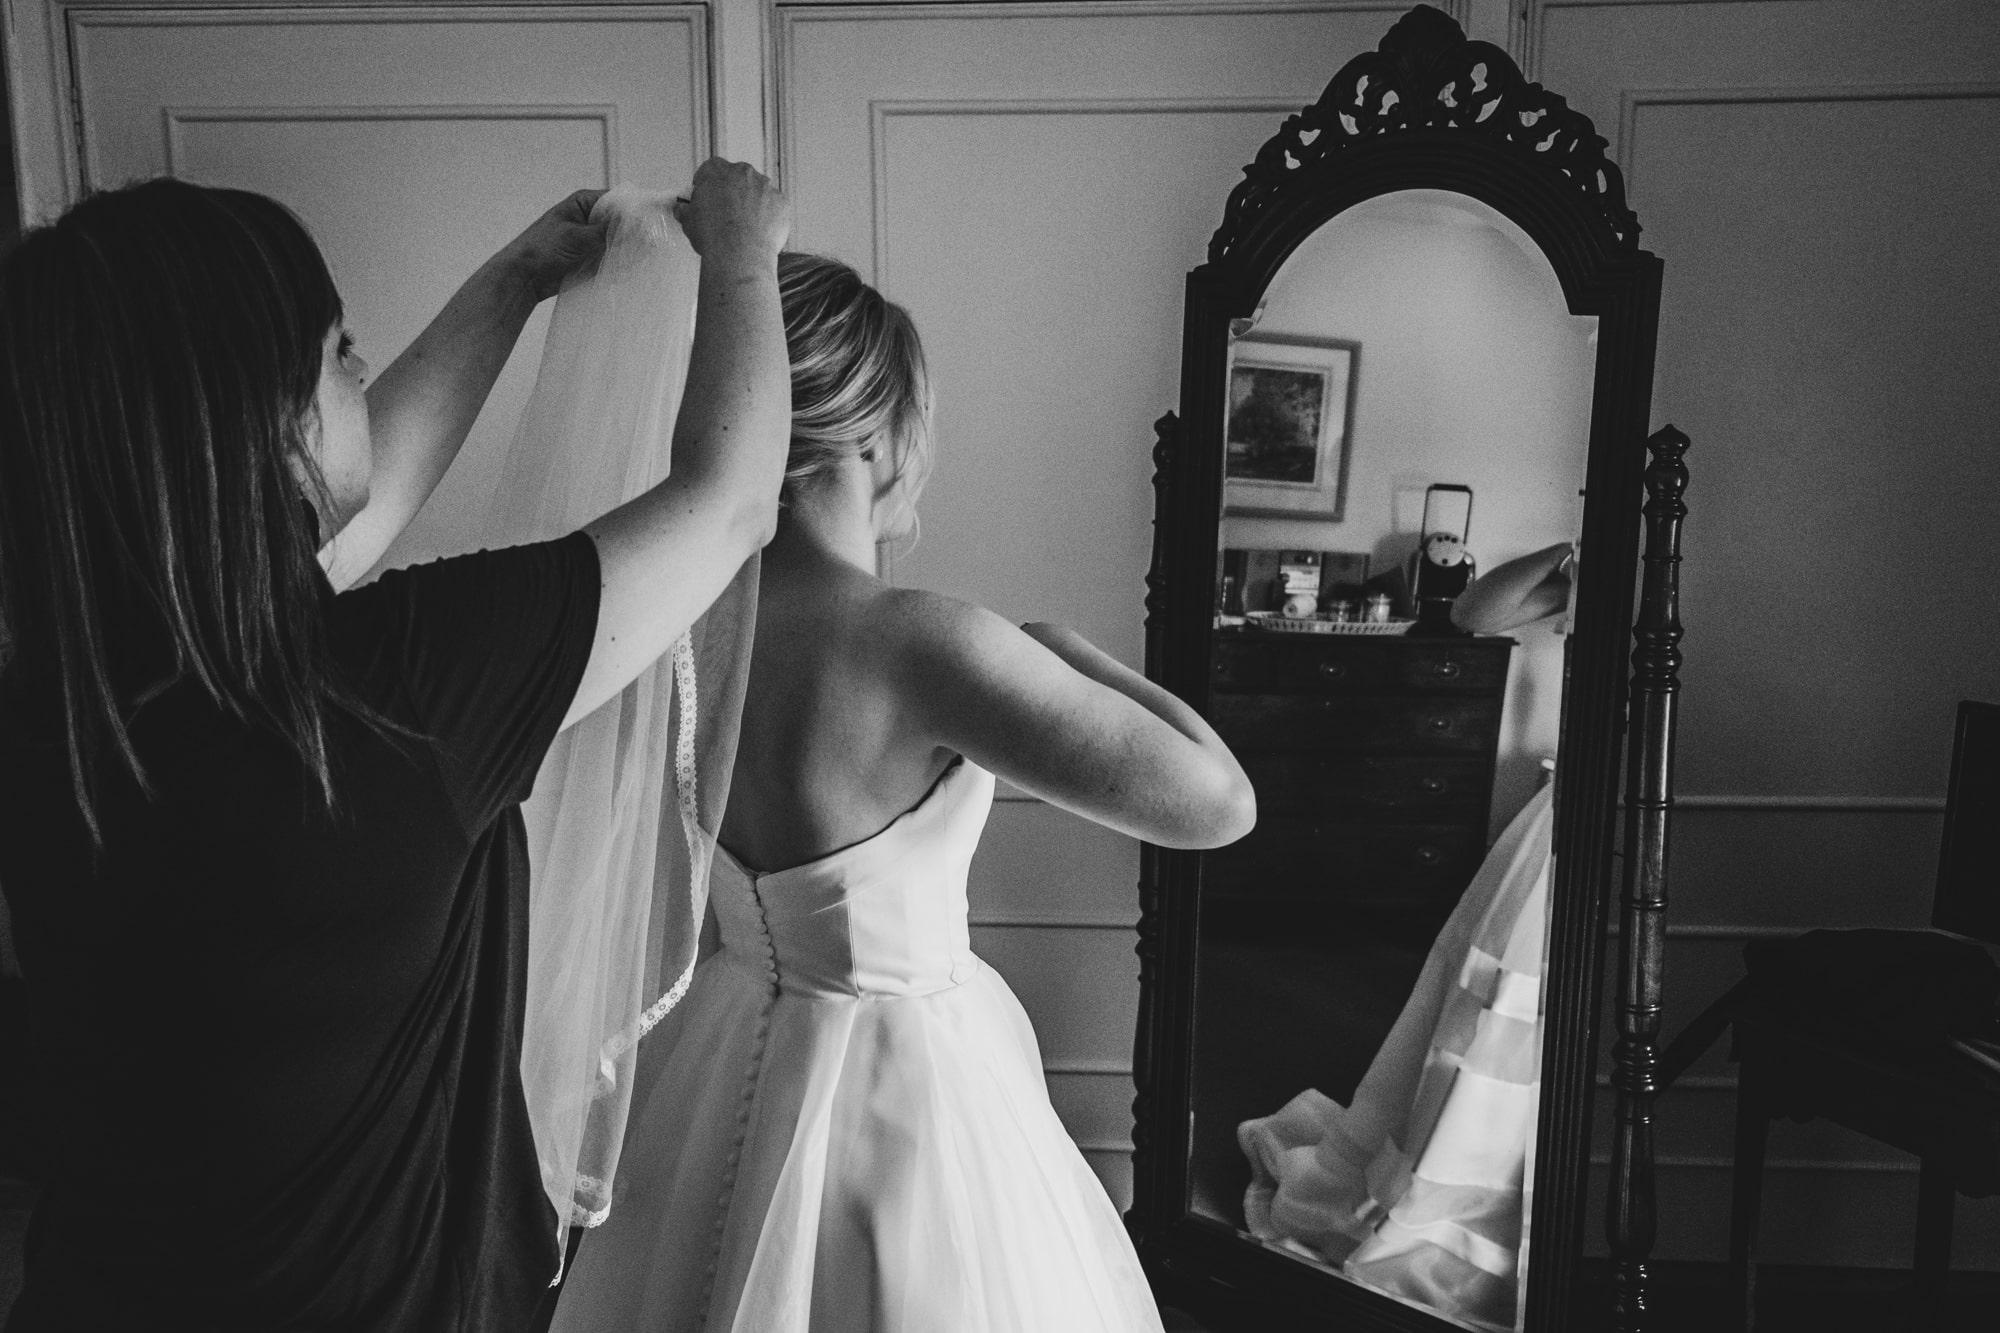 putting on a wedding veil